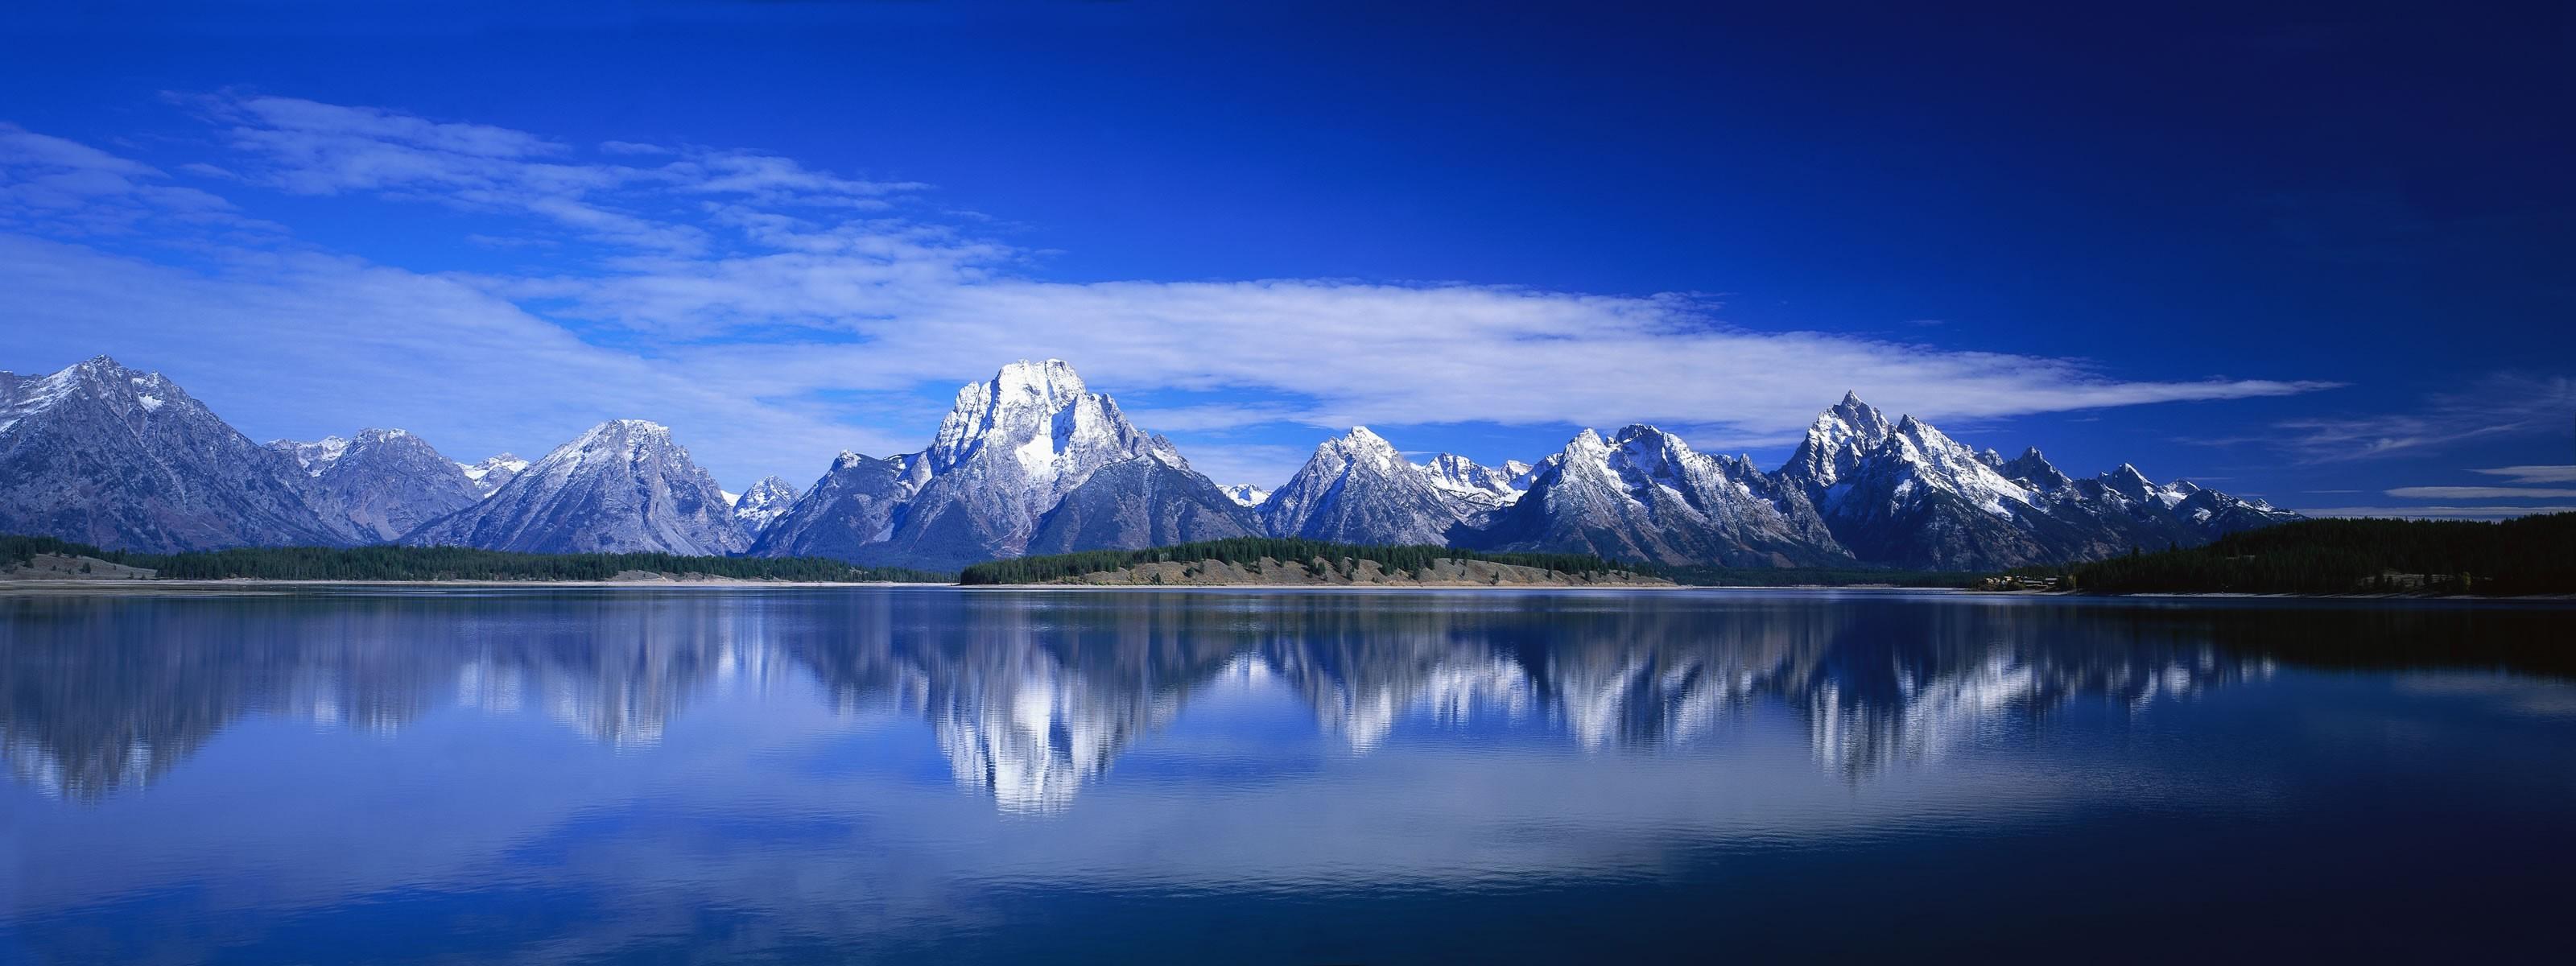 hintergrundbilder  landschaft berge wasser natur